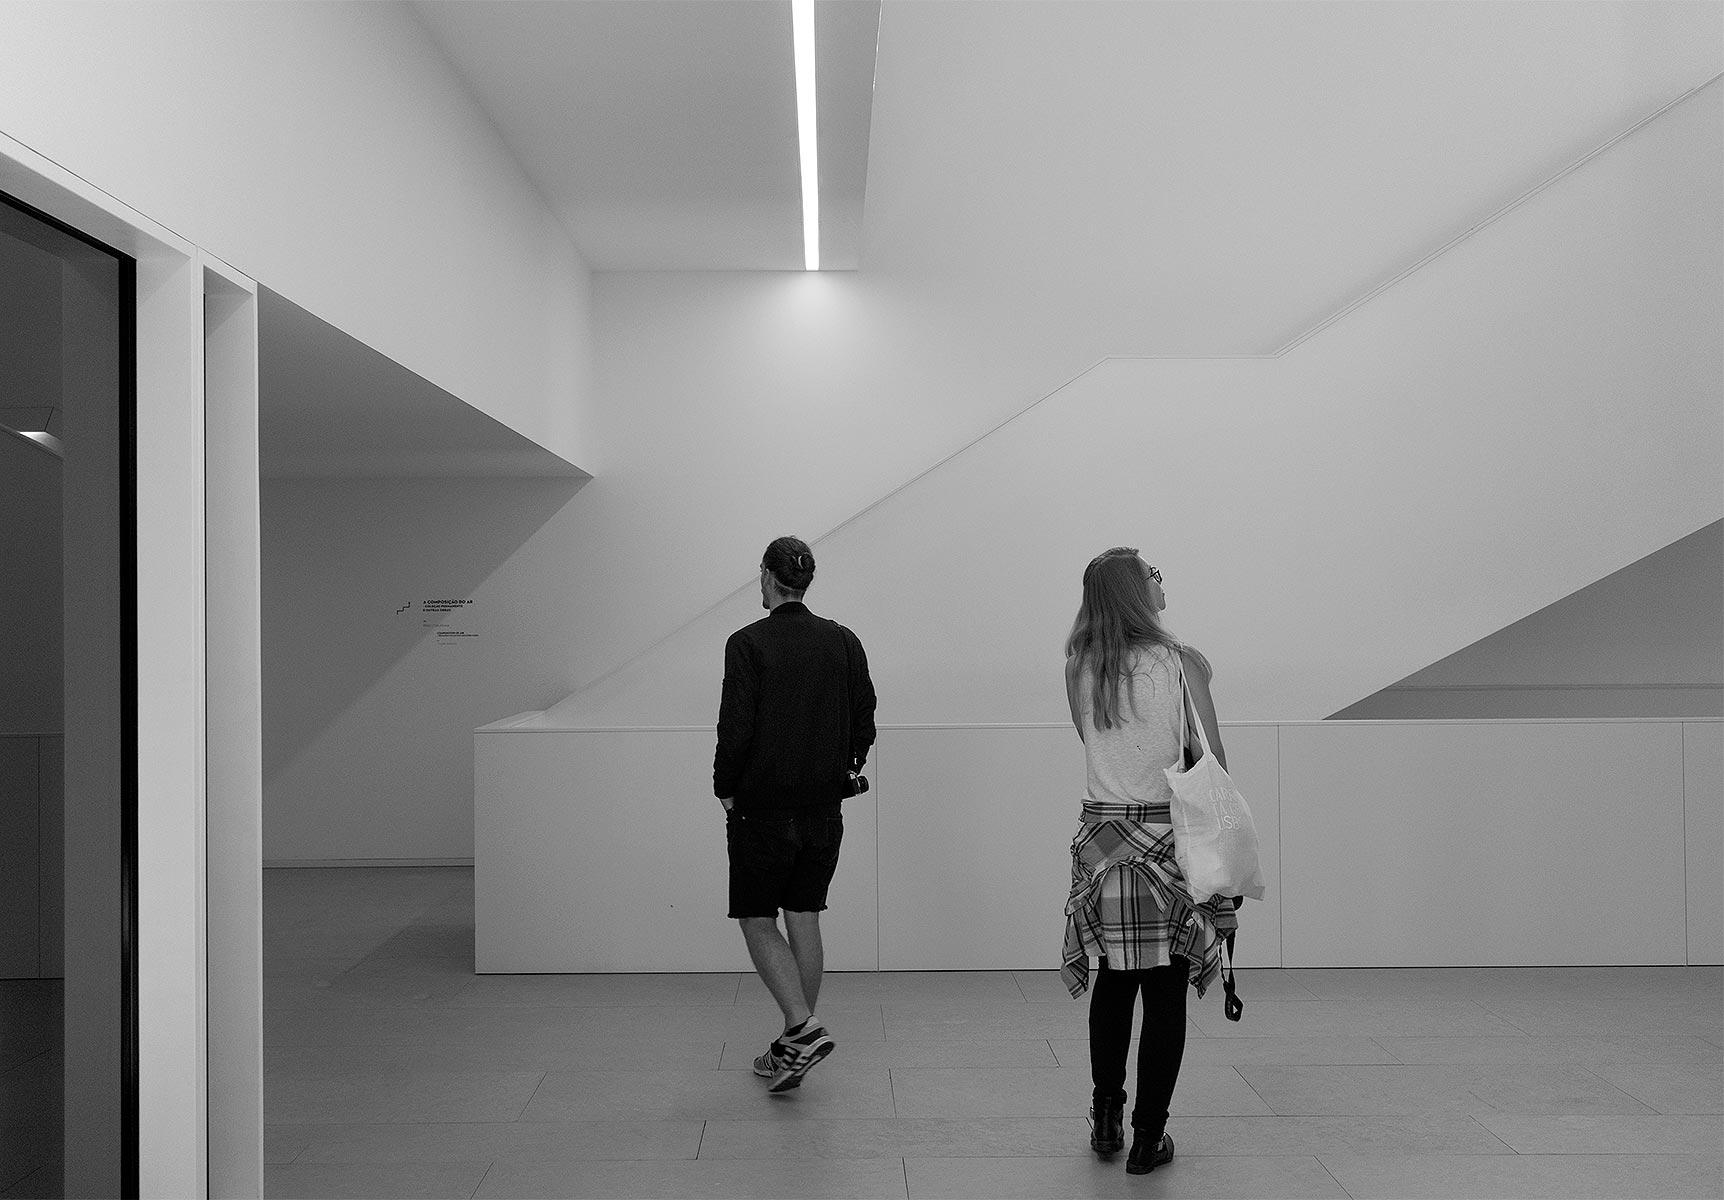 Platform of Arts and Creativity, Guimaraes, Portugal, Pitagoras Arquitectos, 2012